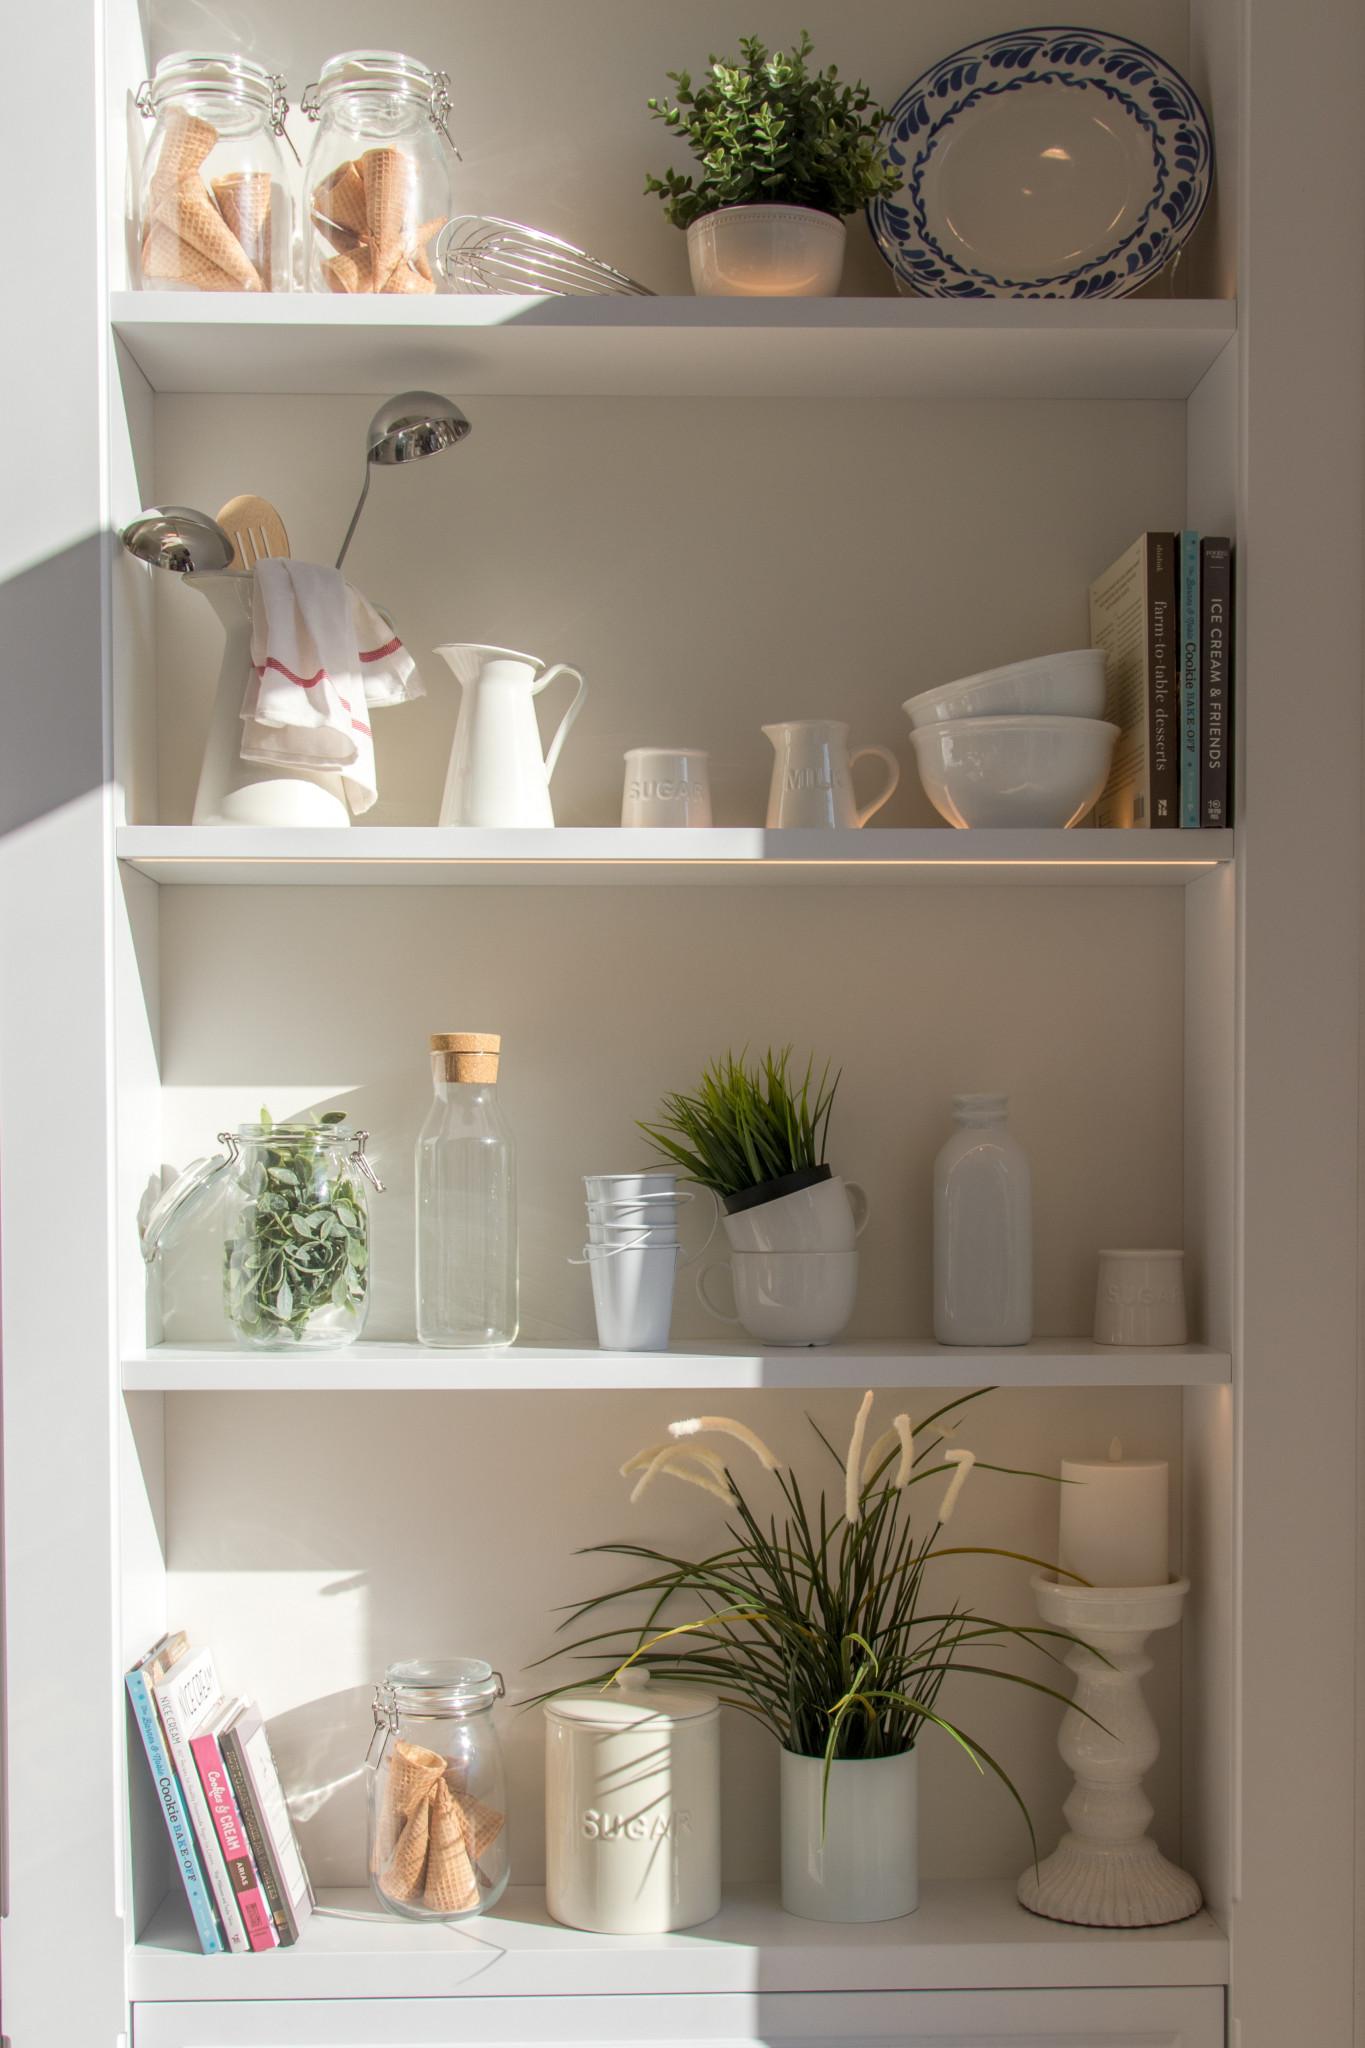 Nettoyage de printemps : 5 endroits où faire le tri - 2